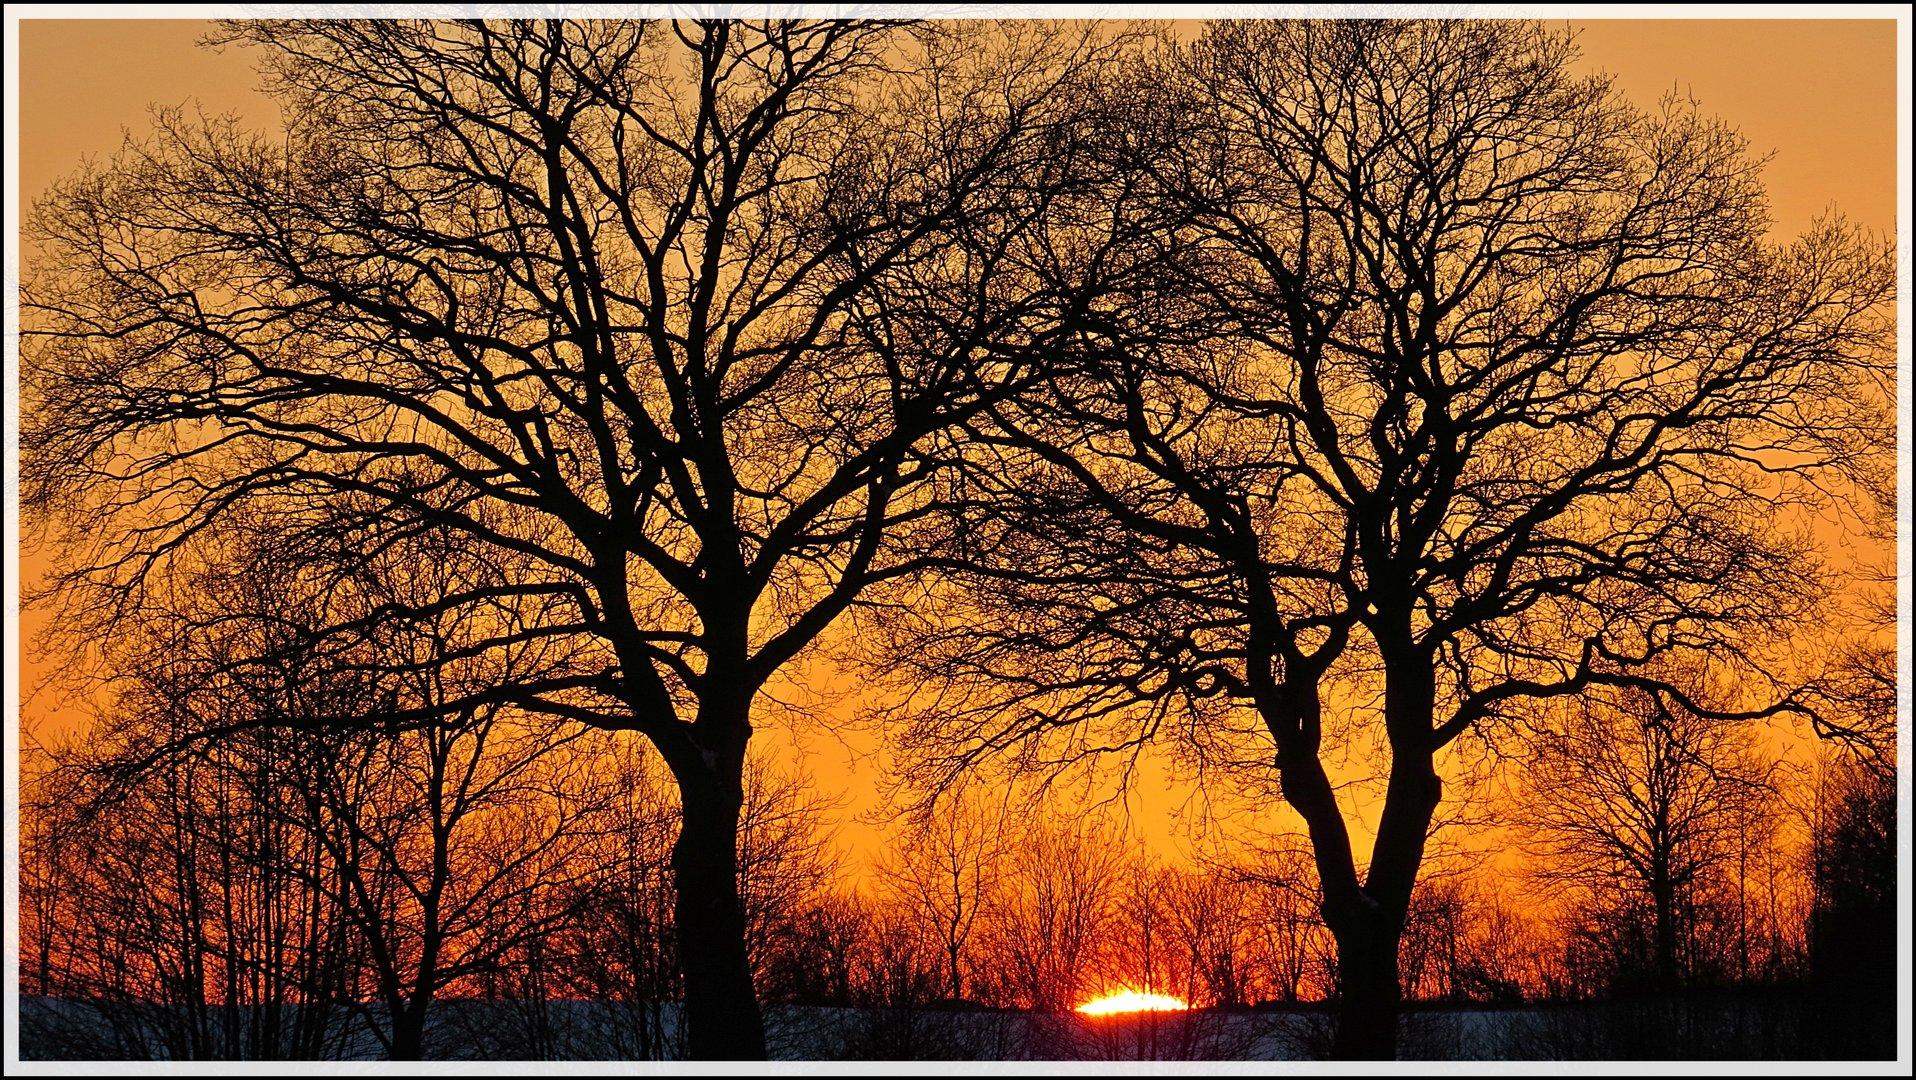 Der Winter kann sogar Mitte März schön sein